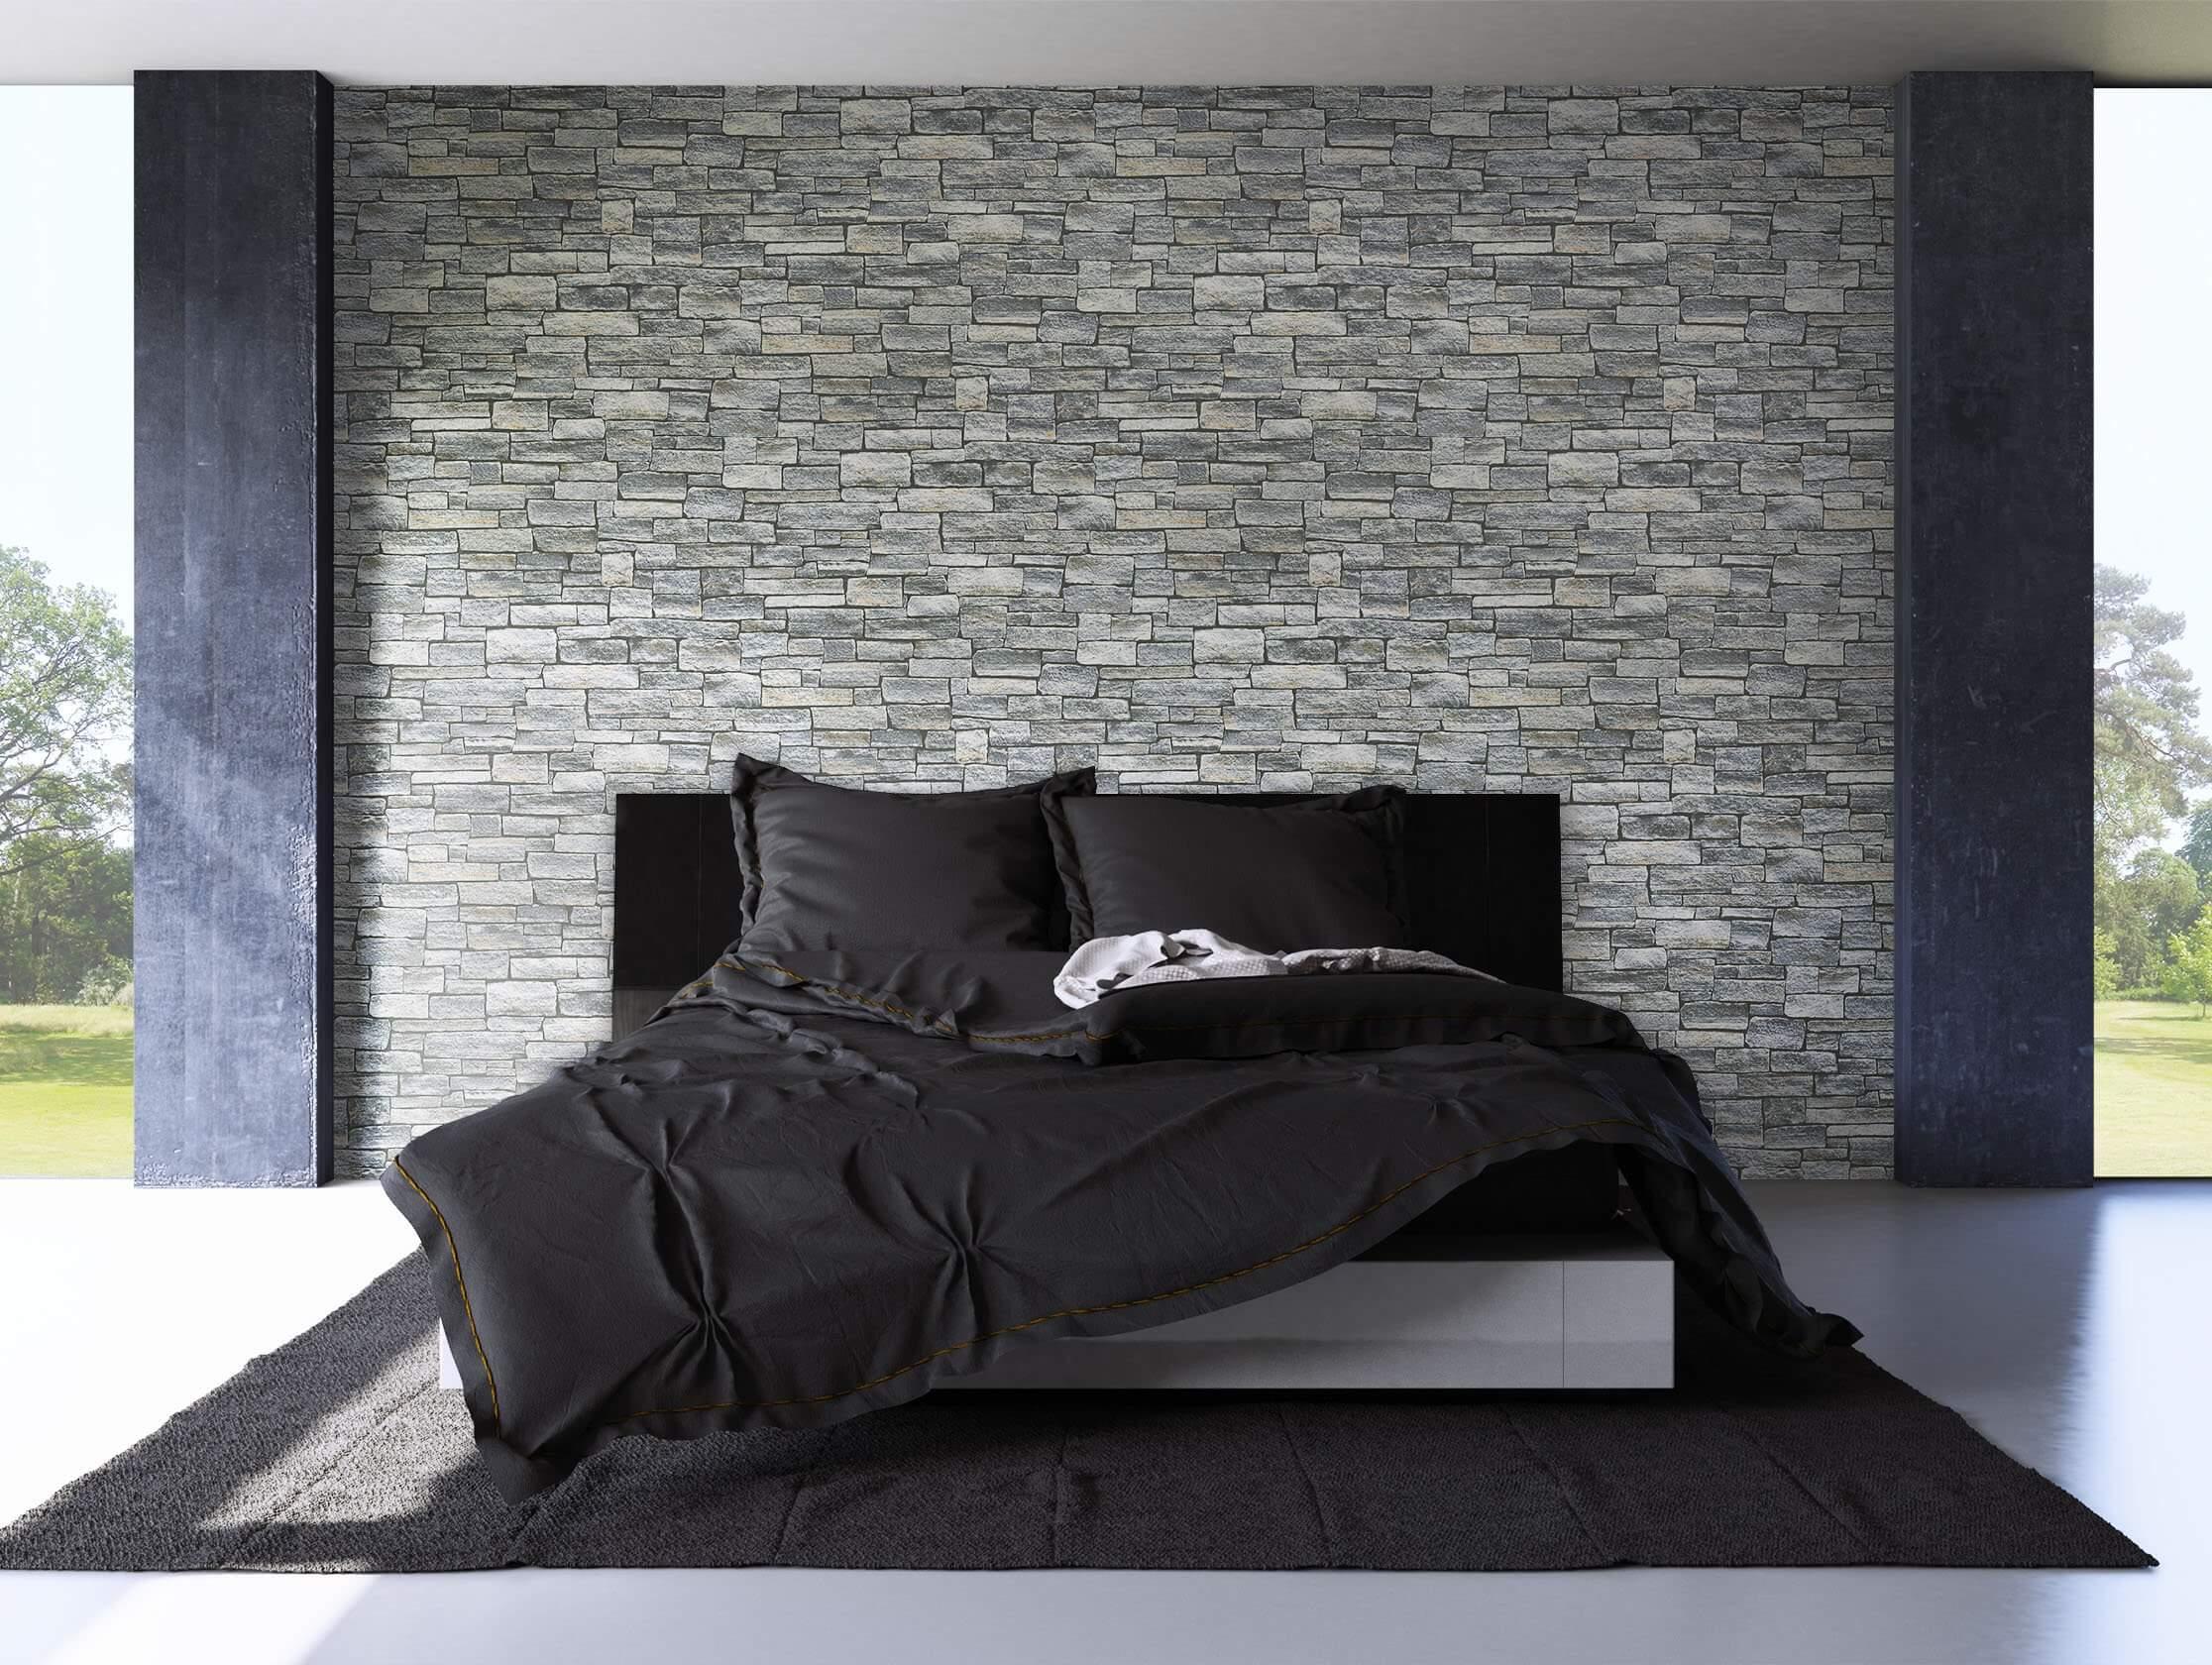 Full Size of Graues Bett Kombinieren Ikea 160x200 Bettlaken 180x200 Samtsofa Waschen Welche Wandfarbe 120x200 Dunkel Passende 140x200 180x220 2x2m Günstige Betten Landhaus Bett Graues Bett